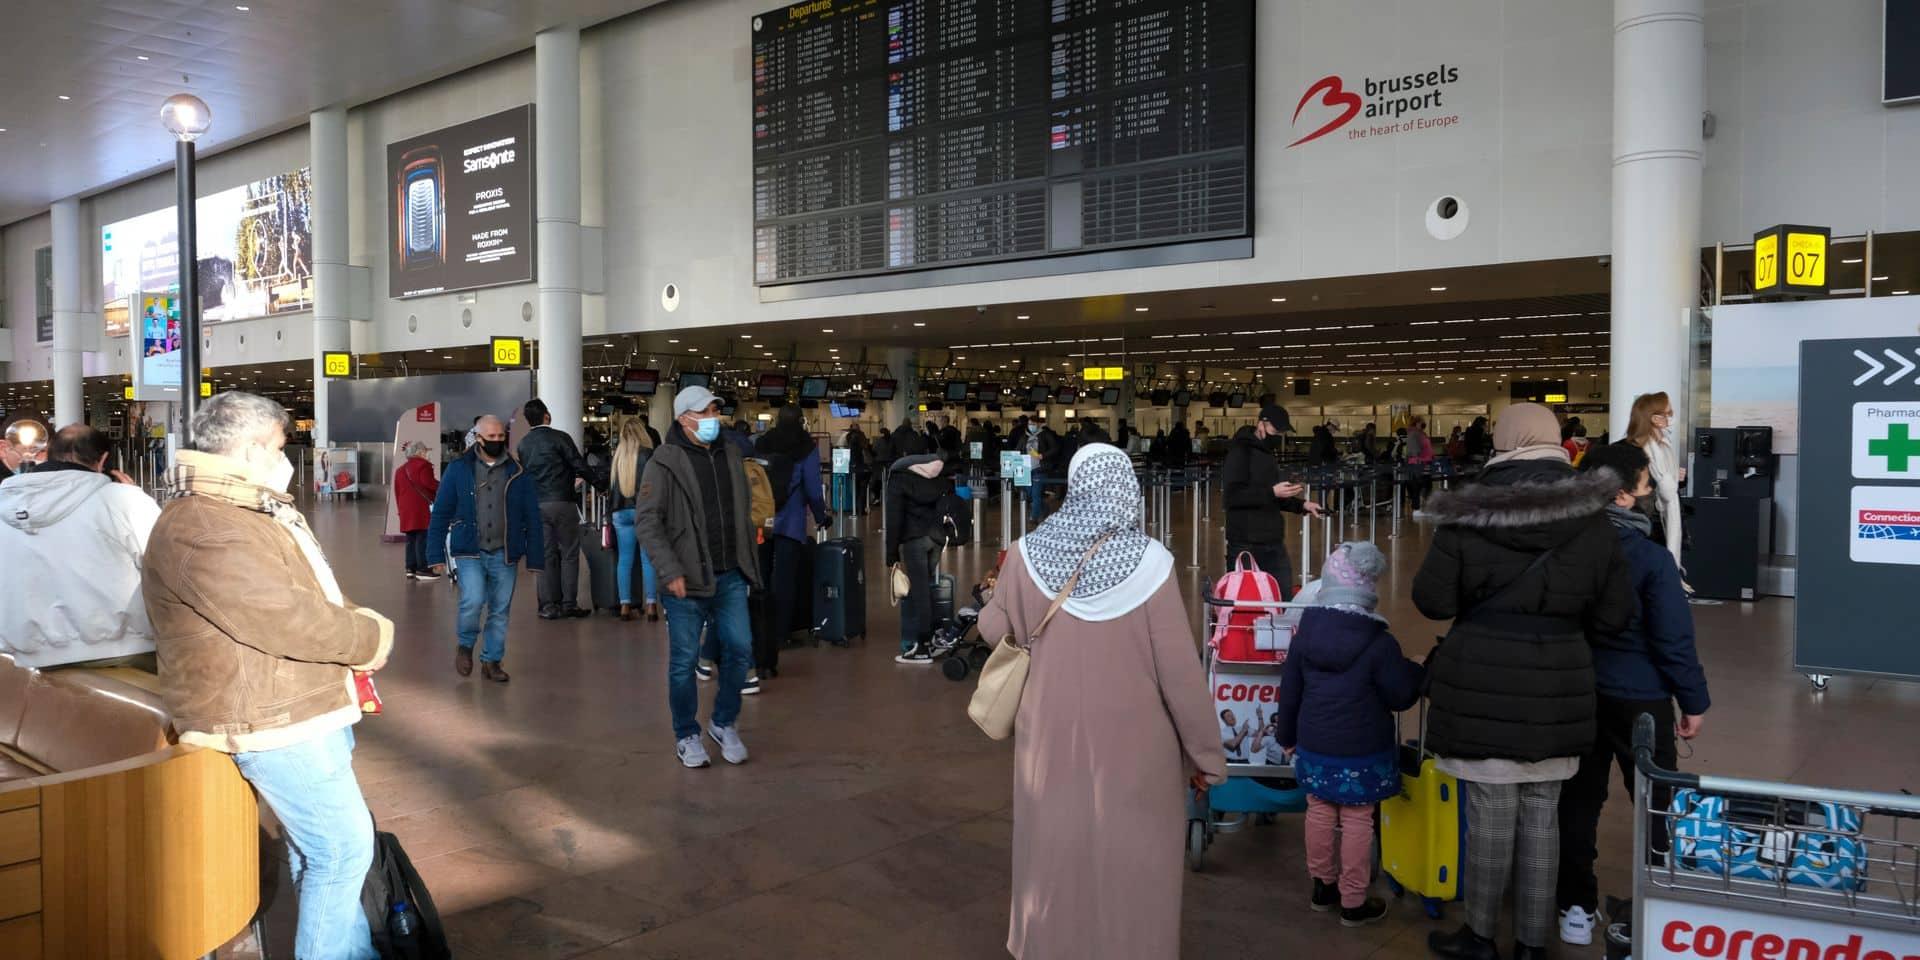 La Belgique ferme ses frontières avec le Royaume-Uni